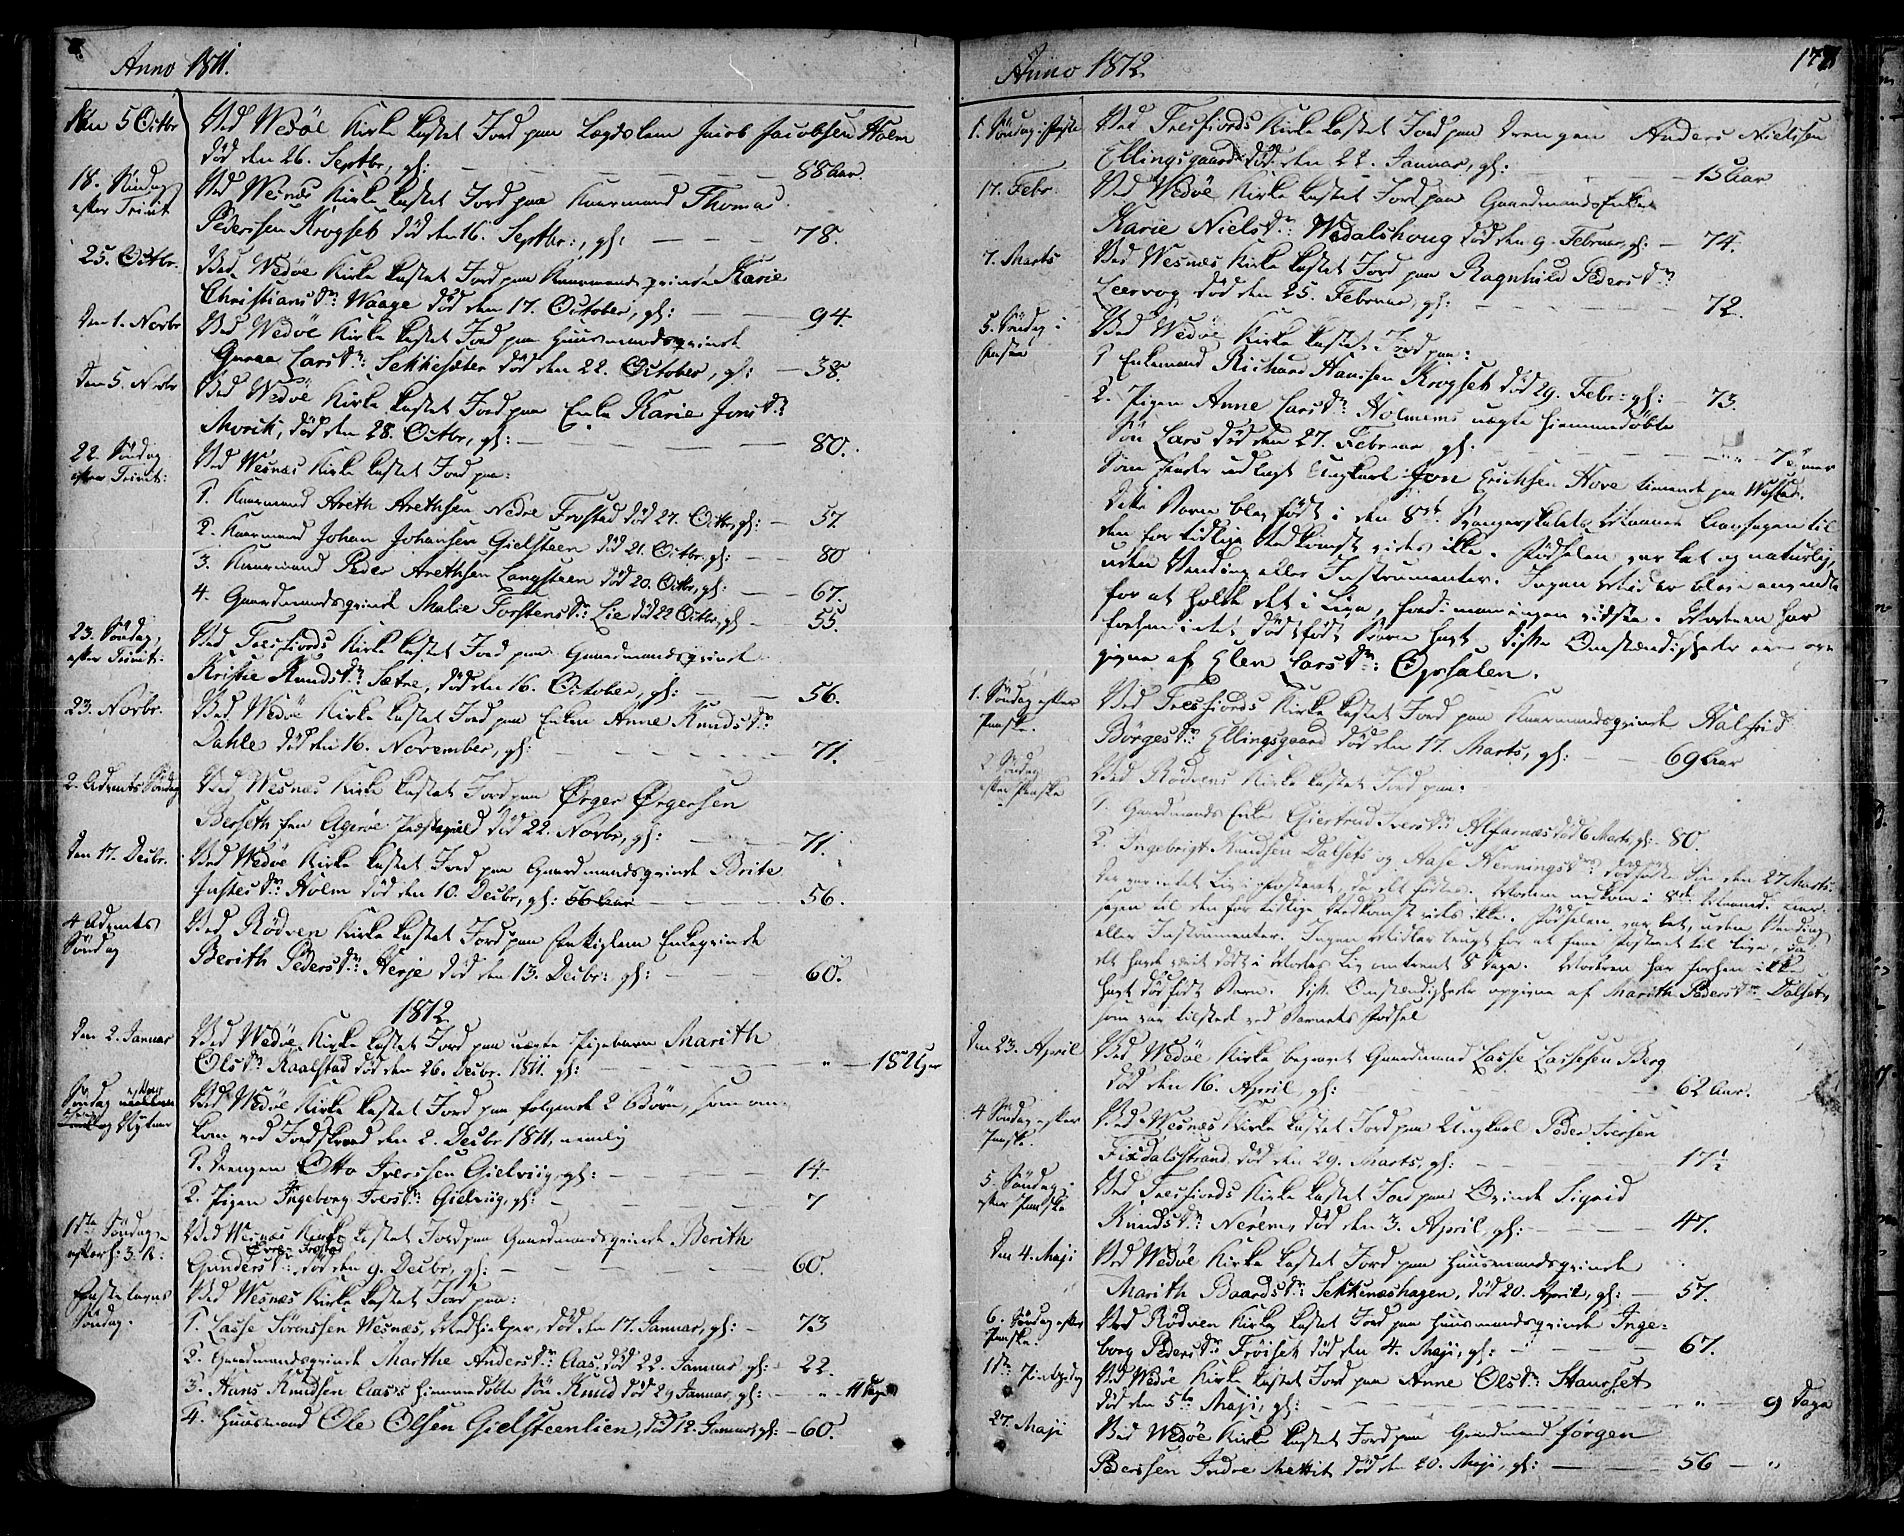 SAT, Ministerialprotokoller, klokkerbøker og fødselsregistre - Møre og Romsdal, 547/L0601: Ministerialbok nr. 547A03, 1799-1818, s. 177